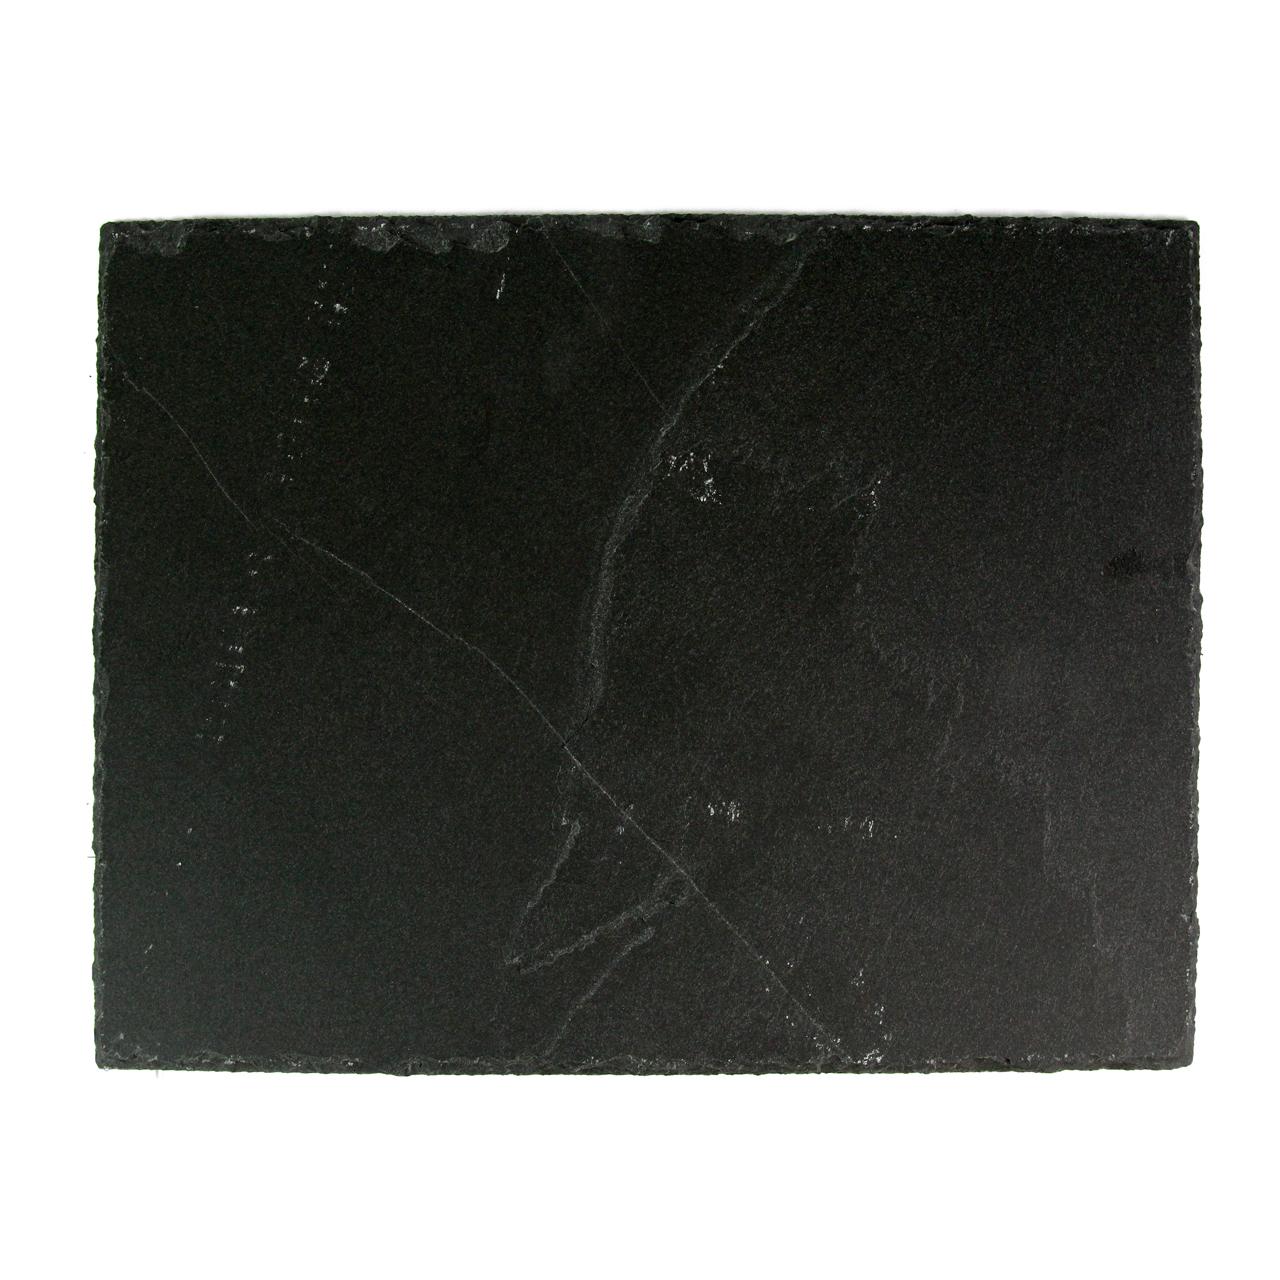 Suport Pentru Vase Negru Din Ardezie